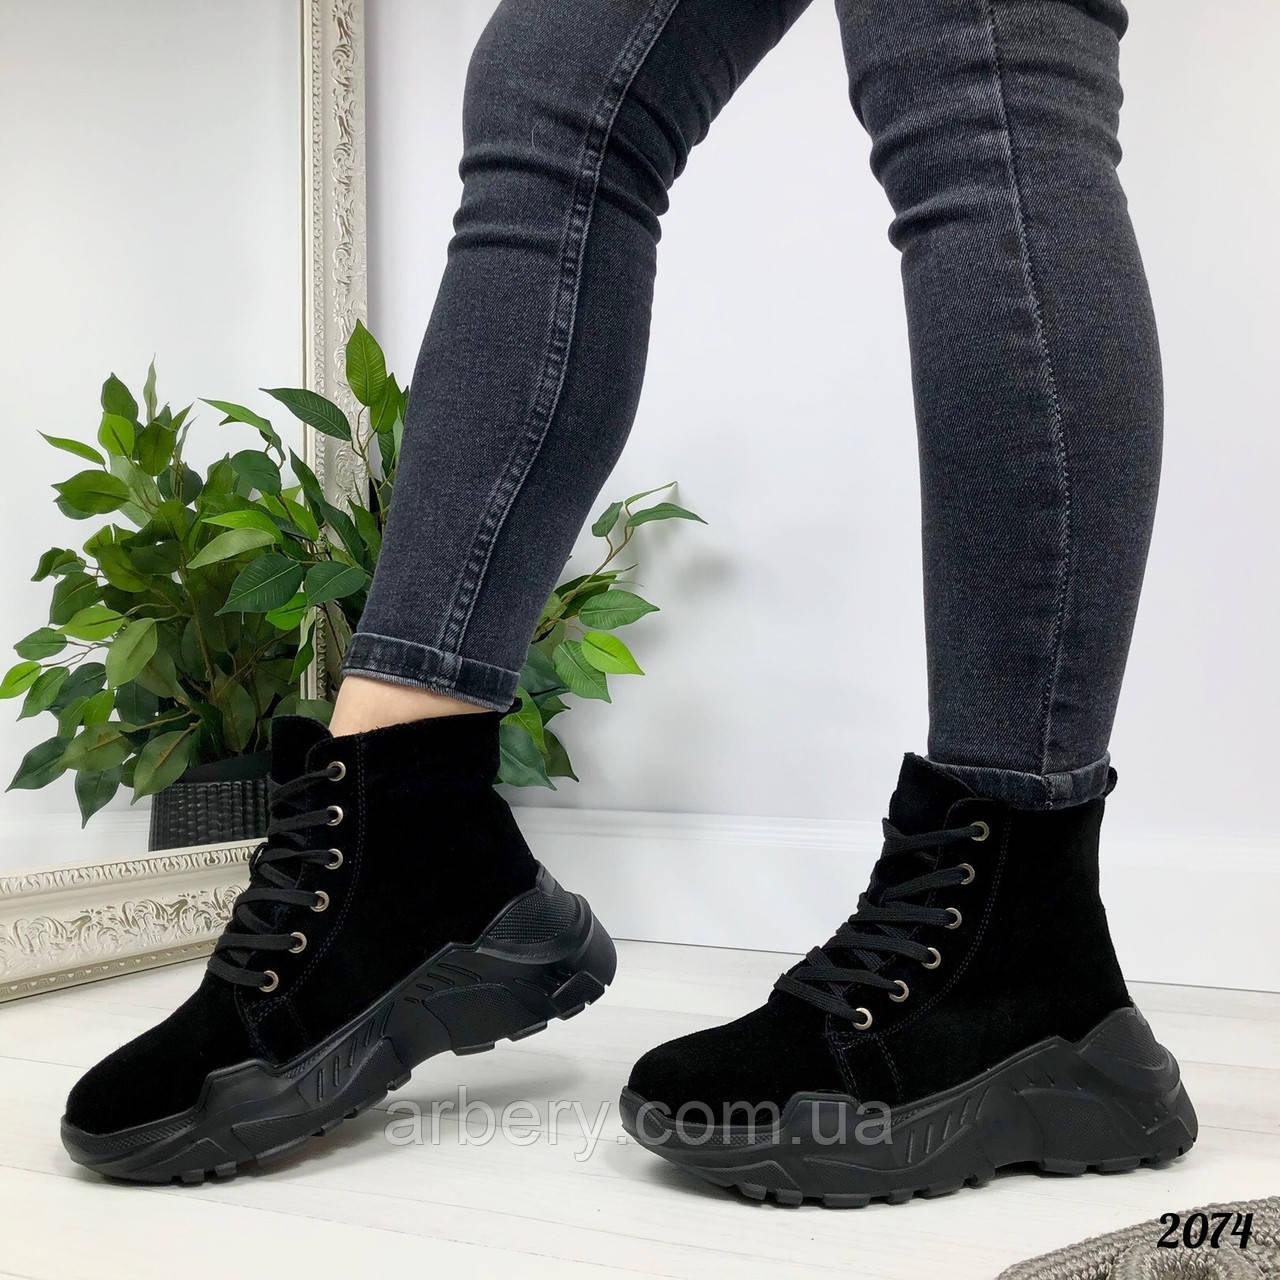 Женские натуральные зимние ботинки, фото 1